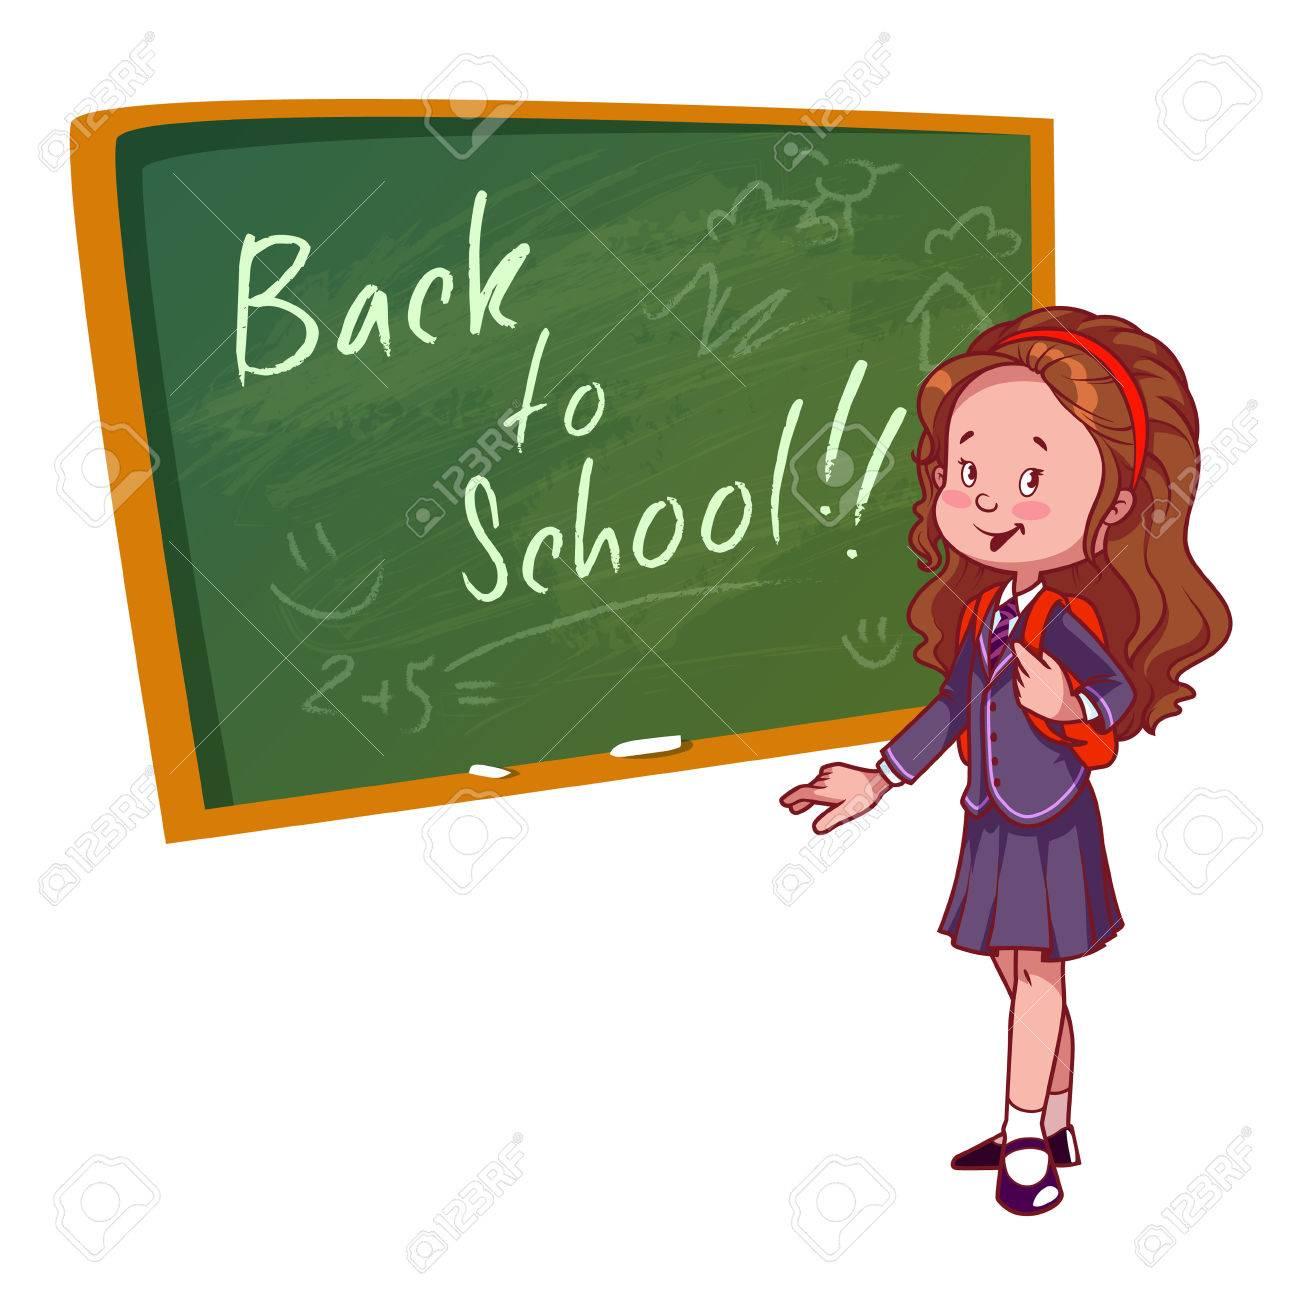 かわいい女子高生制服姿でたたずむ教育委員会に近い白の背景にベクトル イラスト学校に戻る